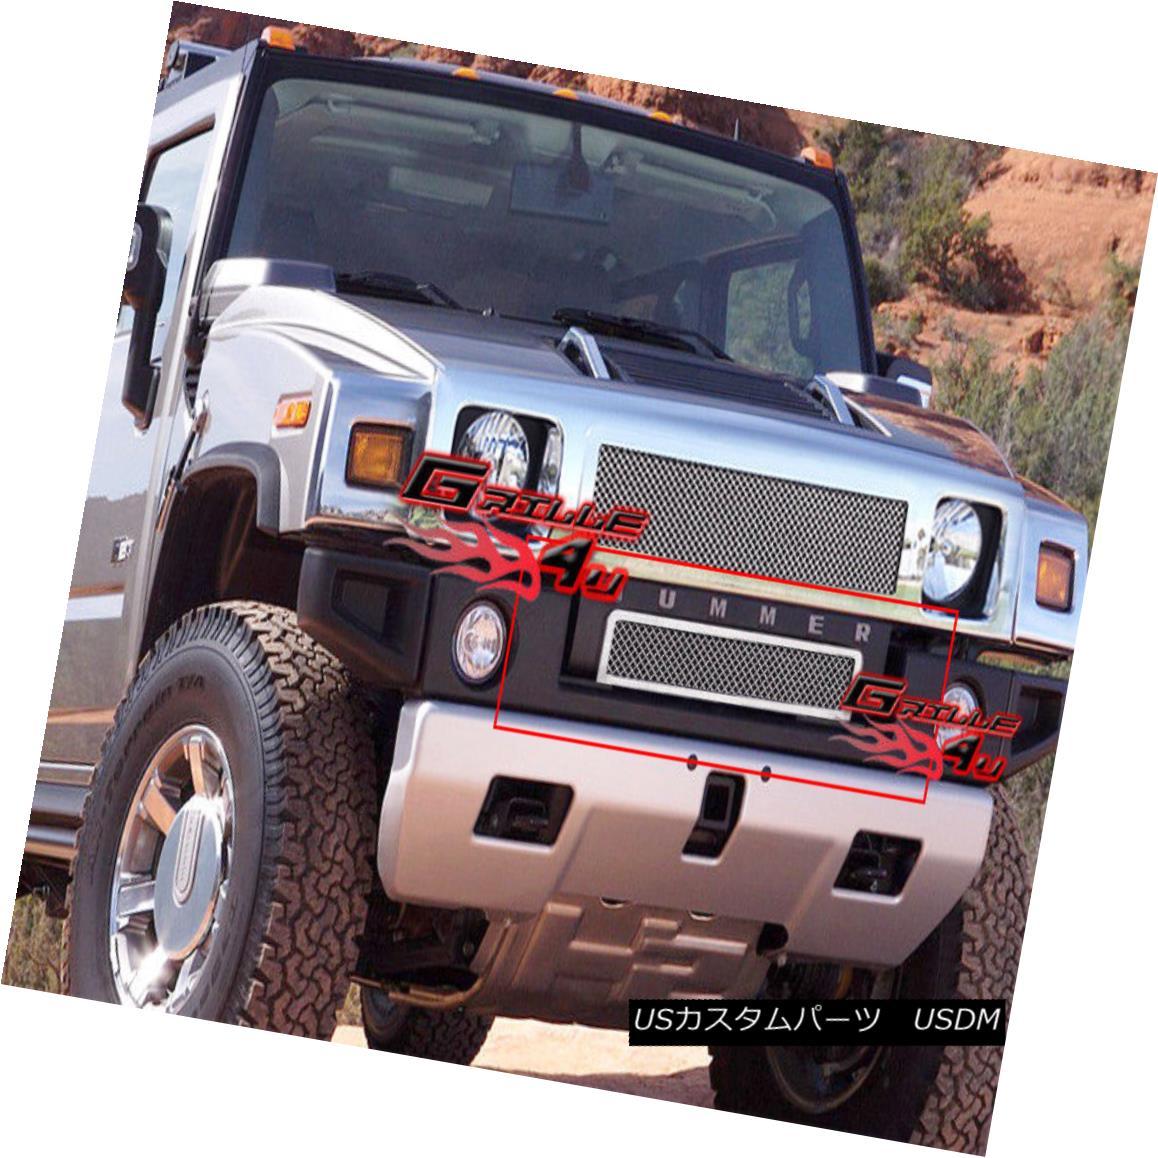 グリル Fits 03-07 Hummer H2 Lower Bumper Stainless Mesh Grille Insert フィット03-07ハマーH2下部バンパーステンレスメッシュグリルインサート